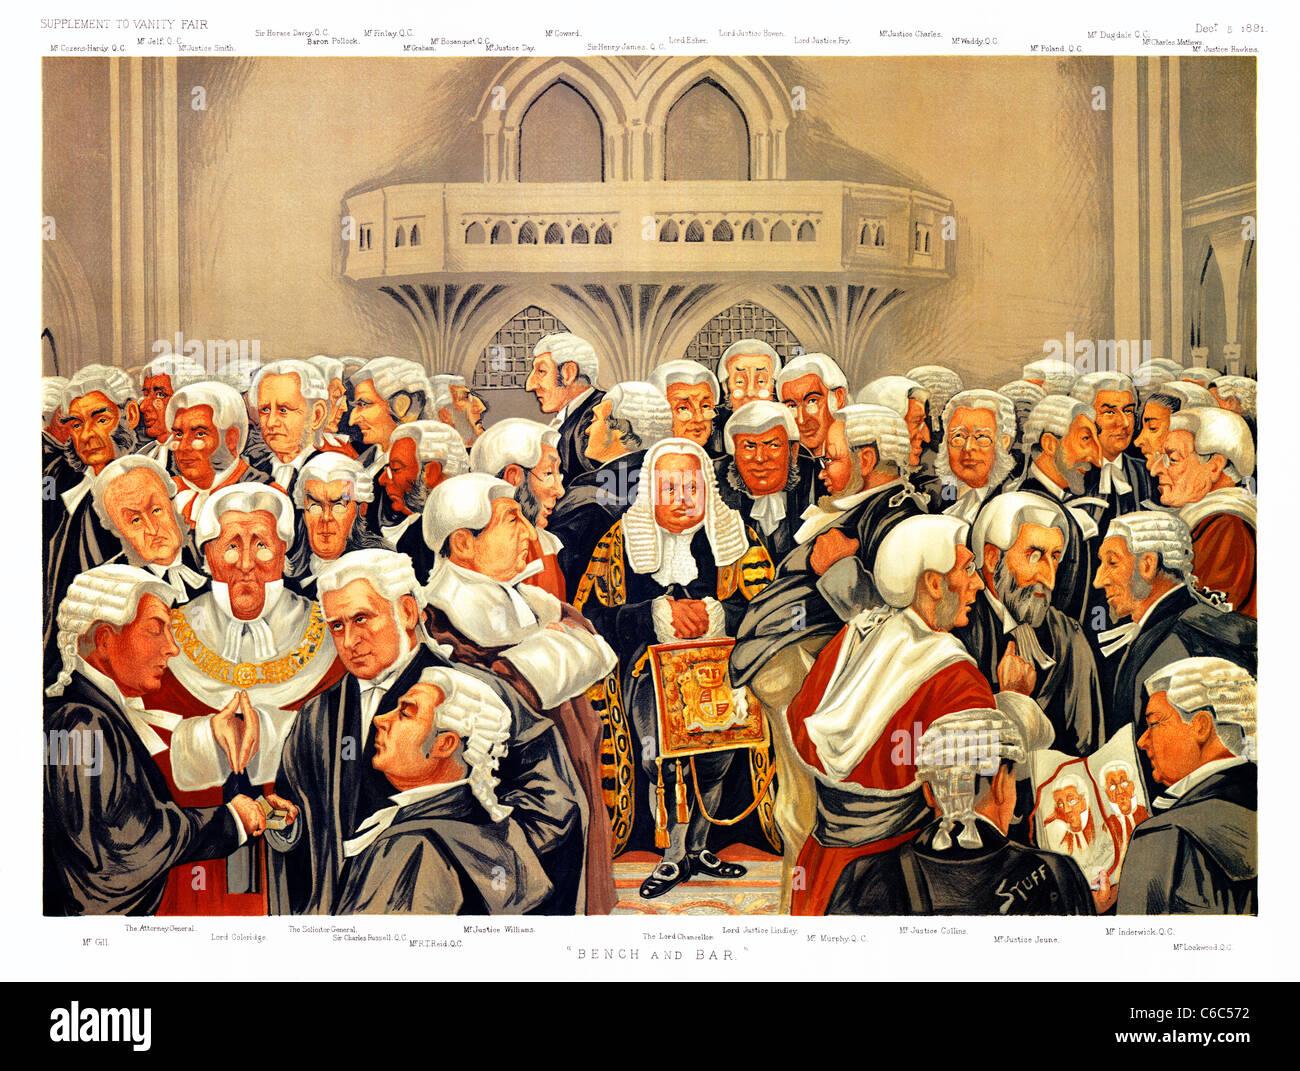 Da banco e bar, 1891 cartoon di roba per Vanity Fair con i principali avvocati e giudici di Inghilterra Immagini Stock